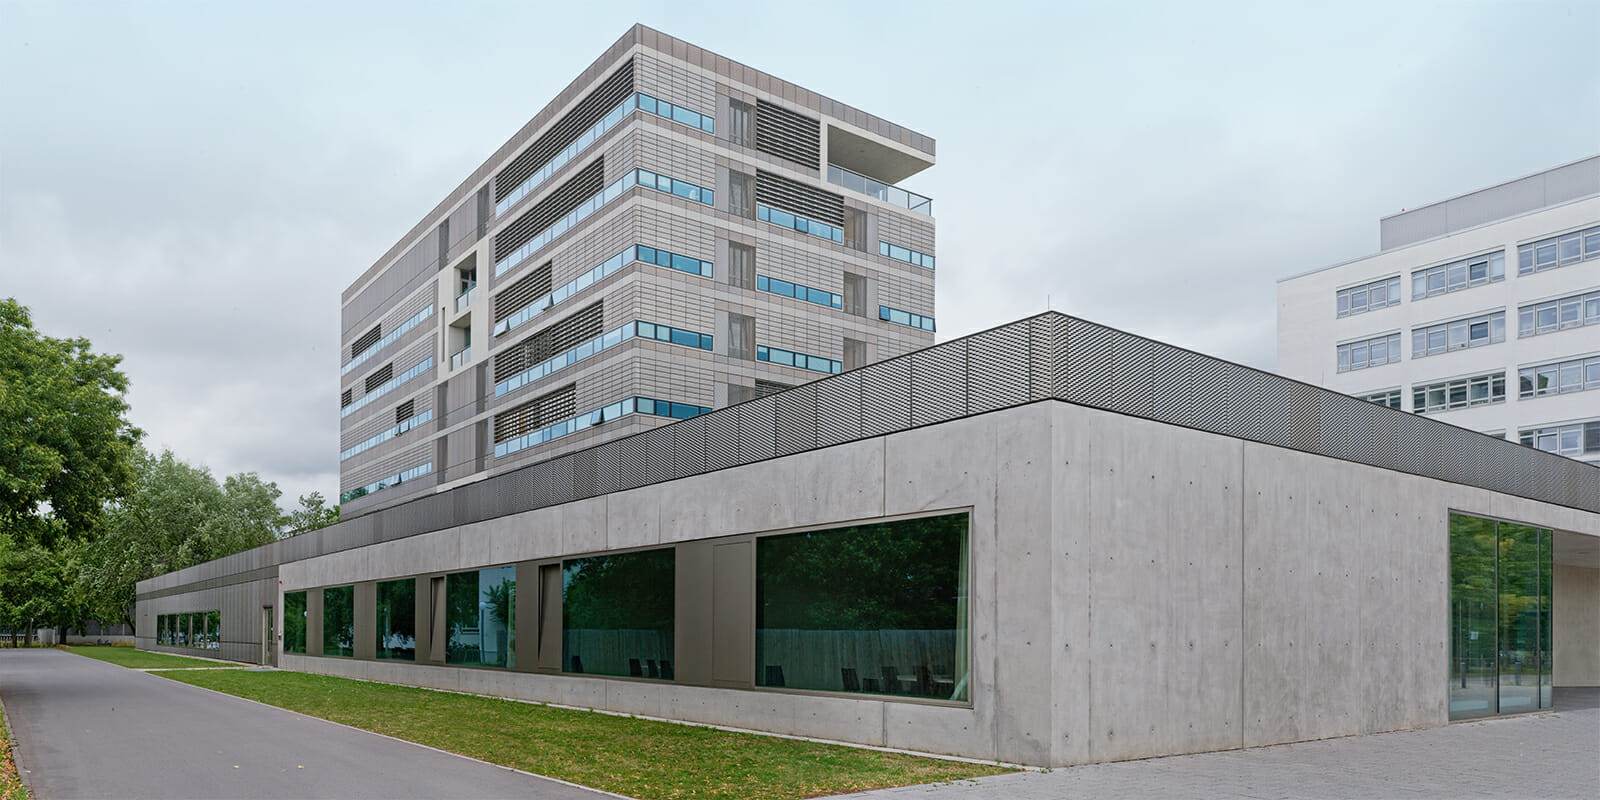 Universität, 69120 Heidelberg